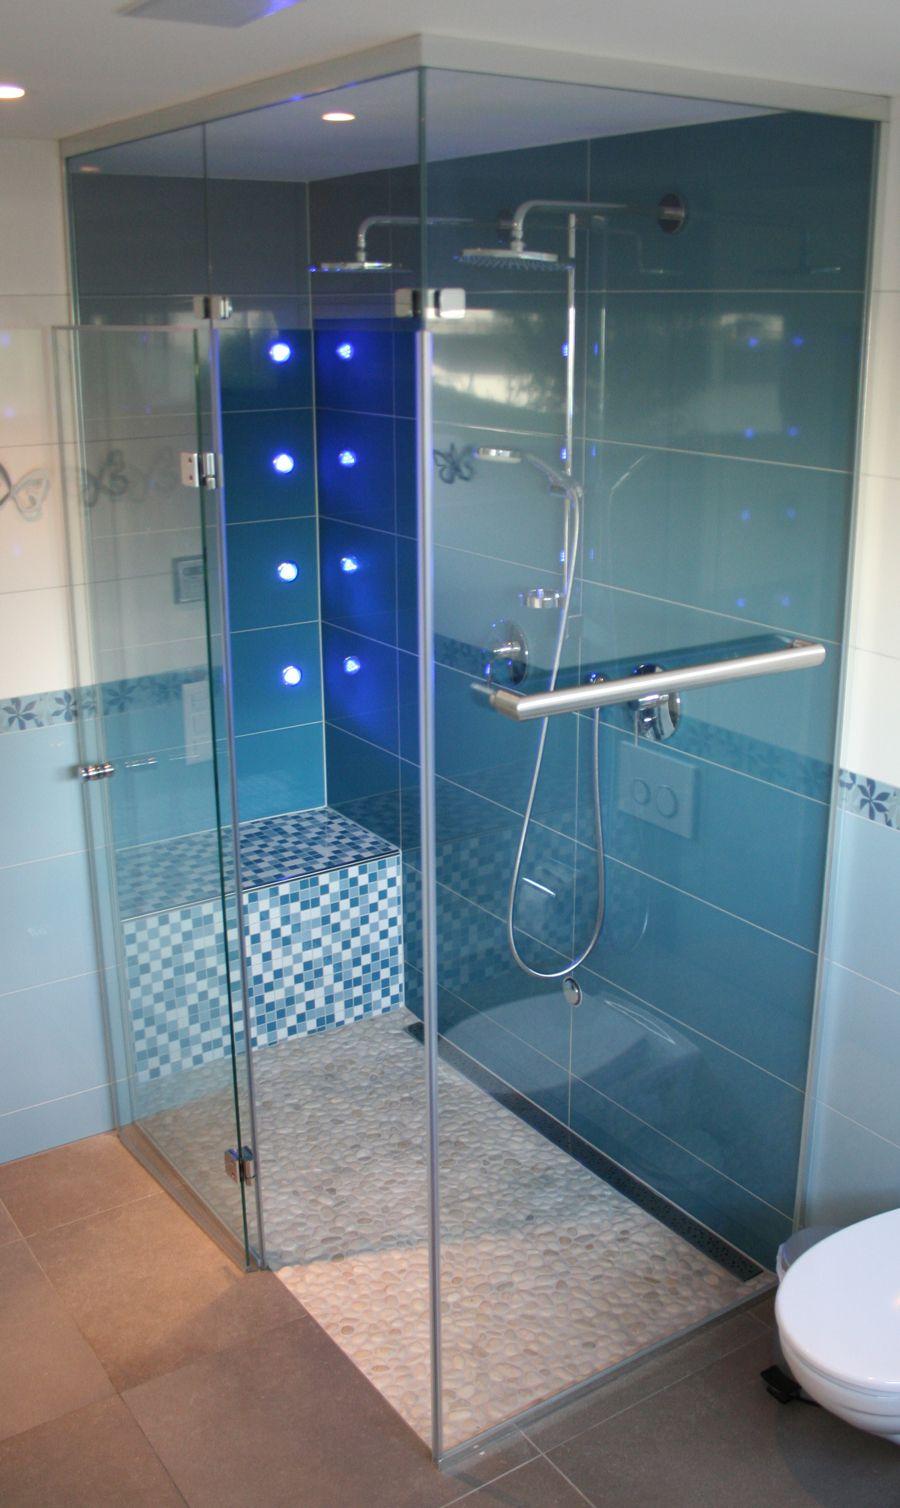 dampfbad im badezimmer neu bild und bafdfeacde